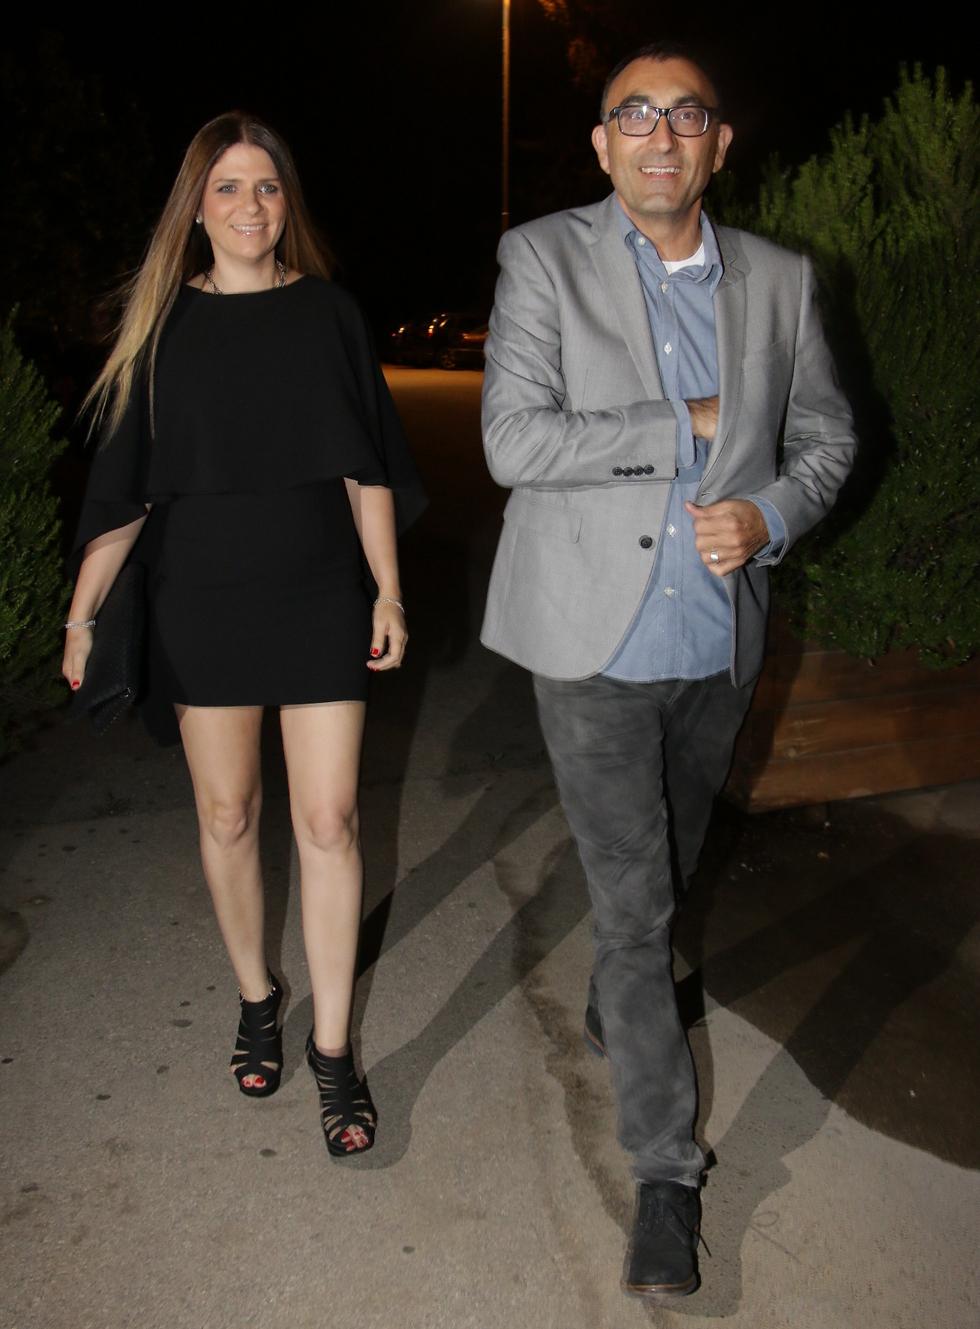 הנה אני מוציא את הצ'ק. ישראל קטורזה ואשתו סורלה (צילום: אמיר מאירי)